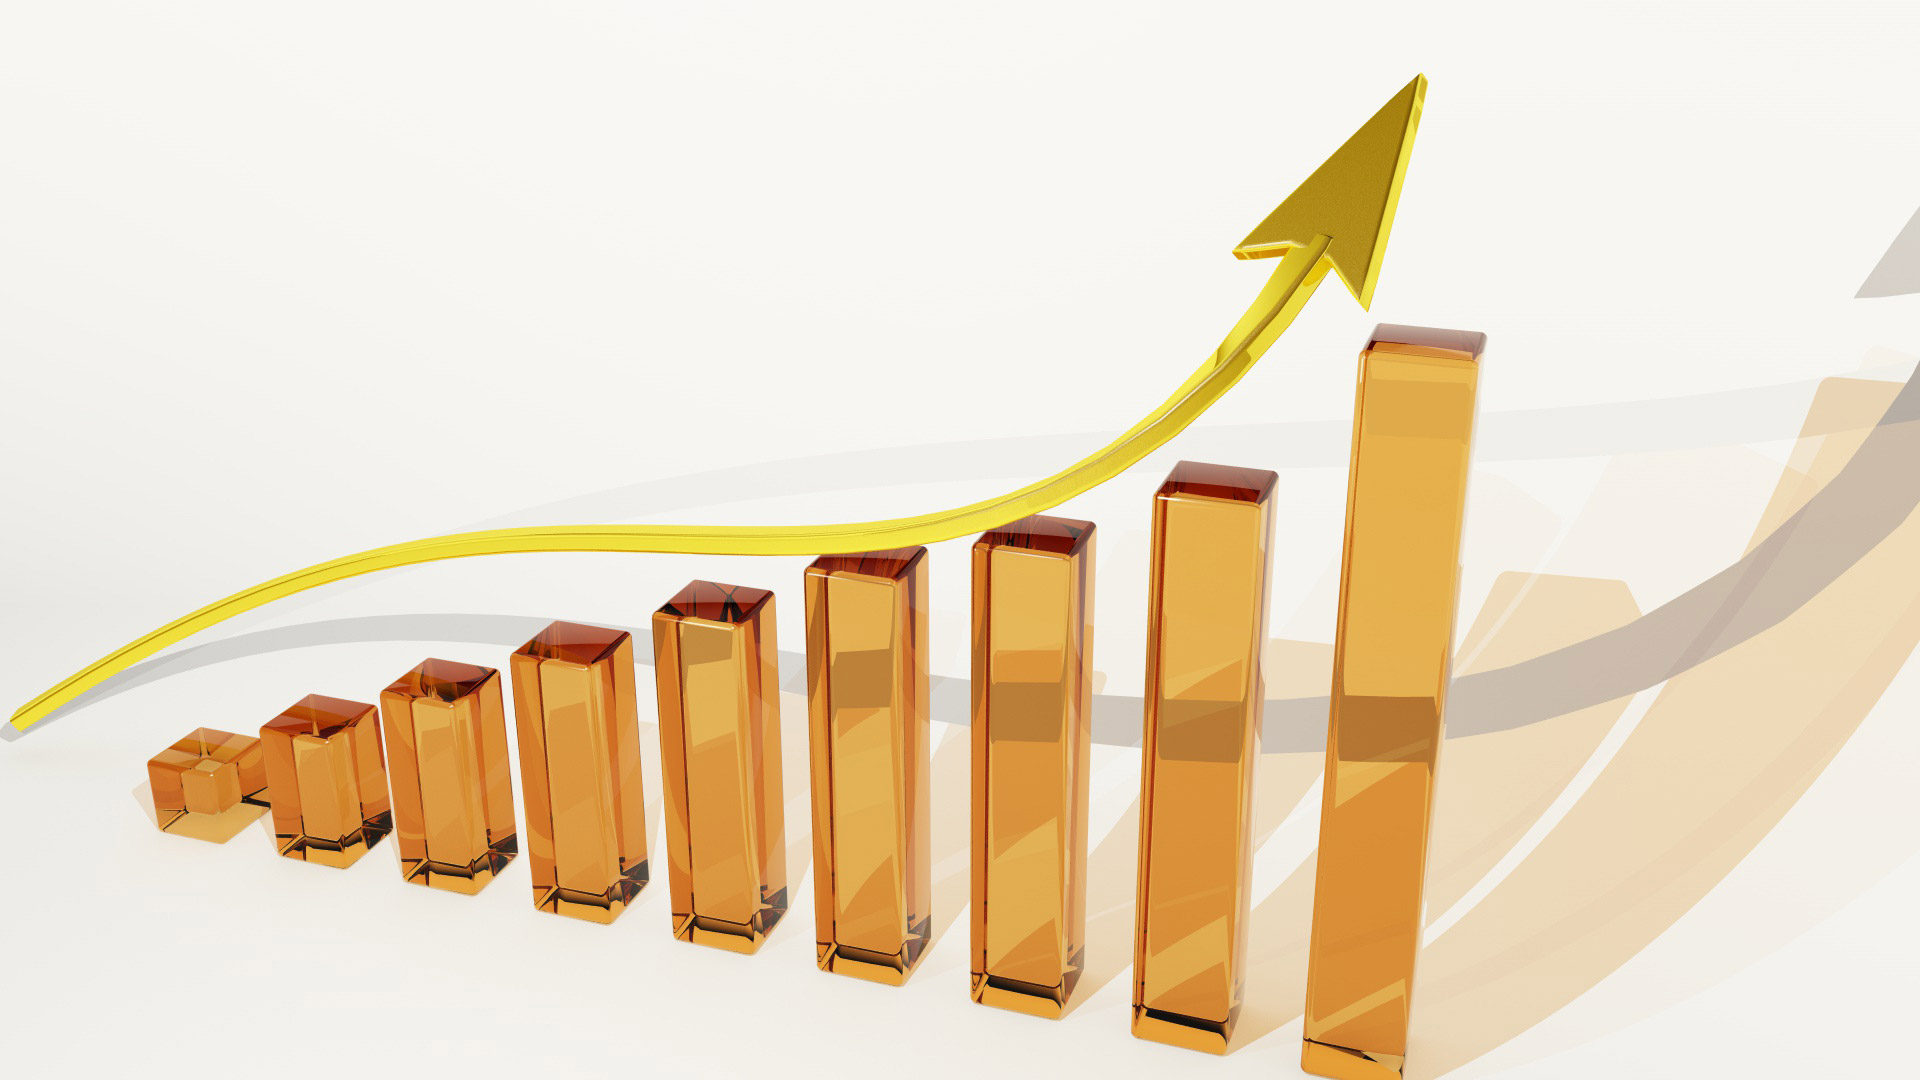 לאחר פסיקת העליון על קביעת ריבית ההיוון על 3% – חברות הביטוח צופות רבעון חיובי במיוחד